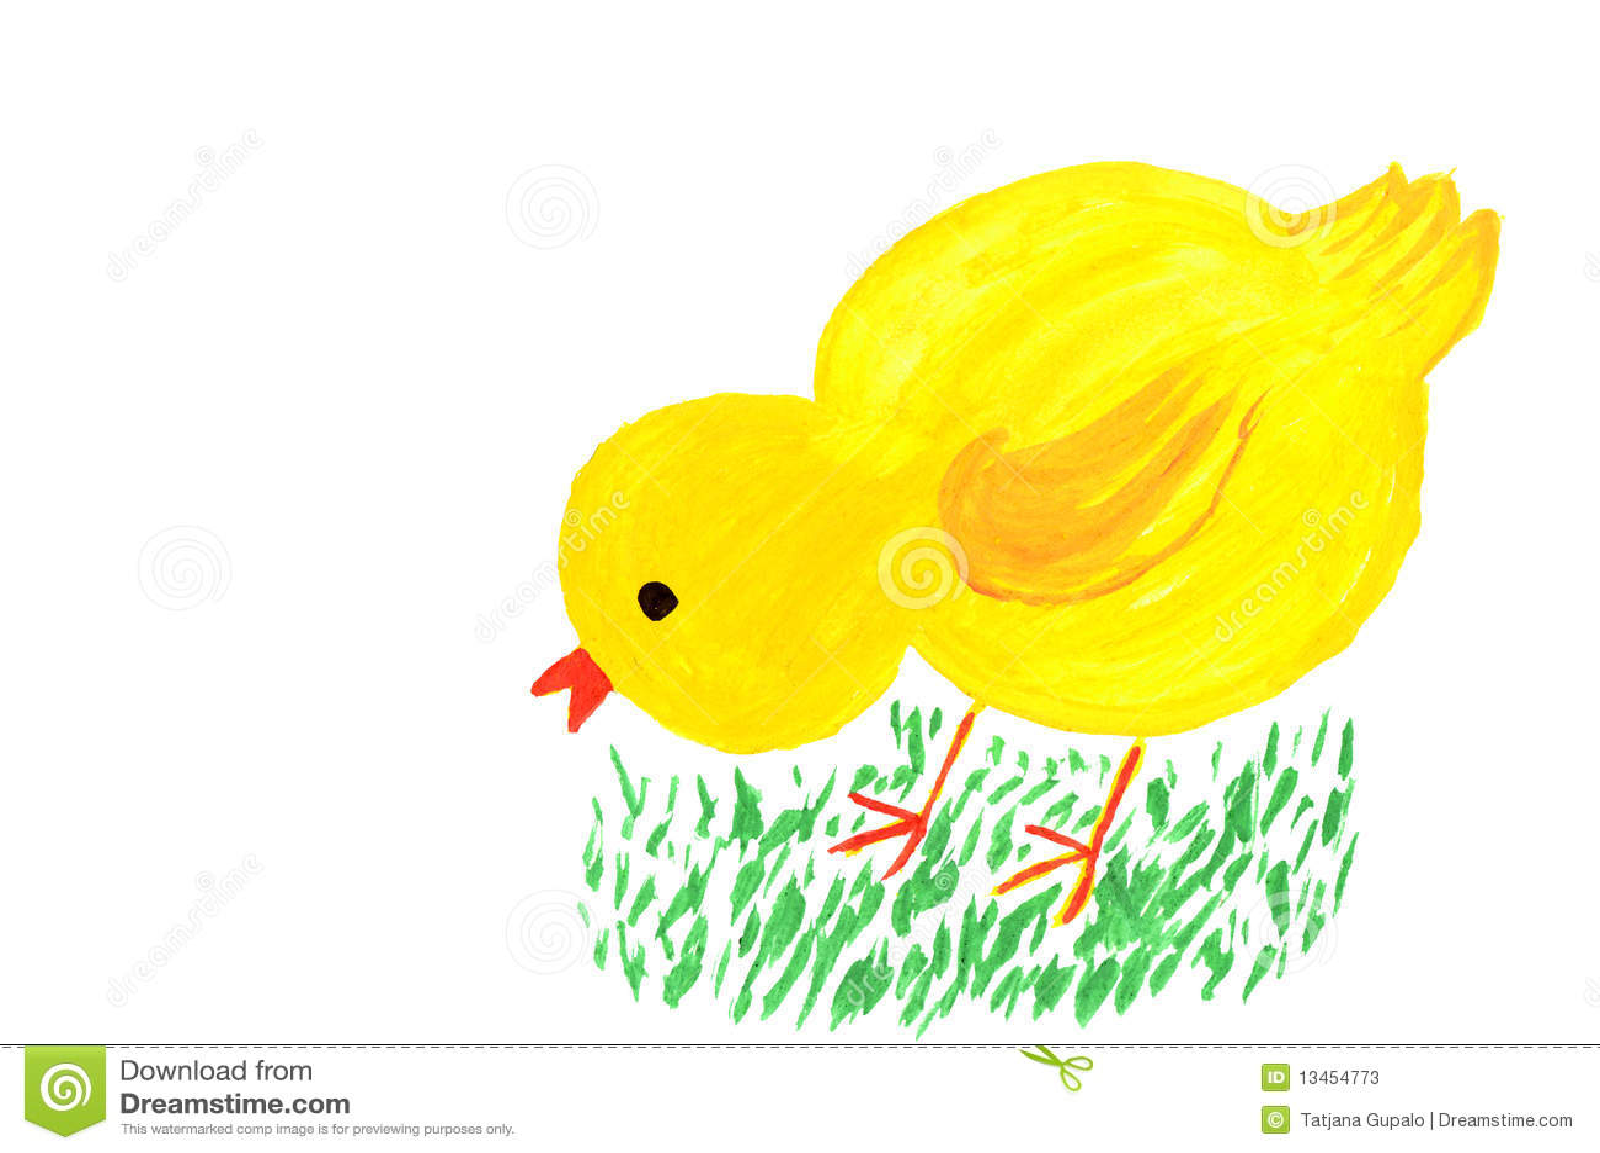 цыпленок картинки: